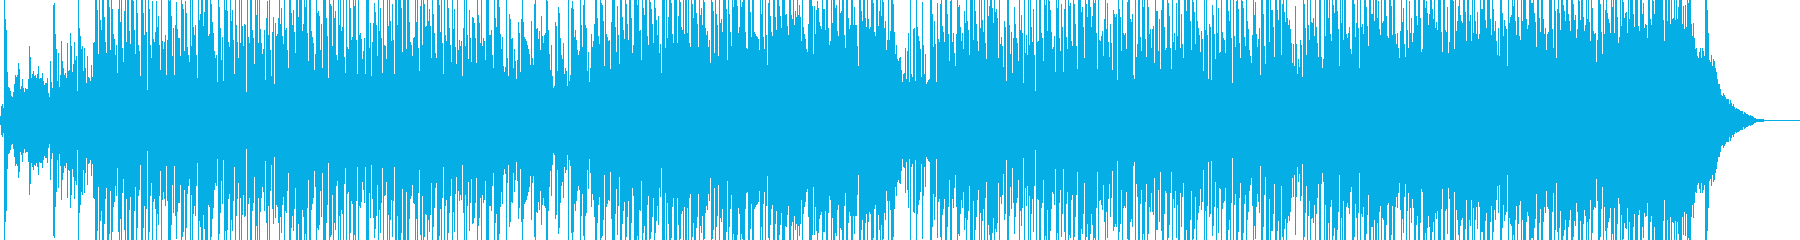 スピリチュアルな雰囲気のR&Bの再生済みの波形